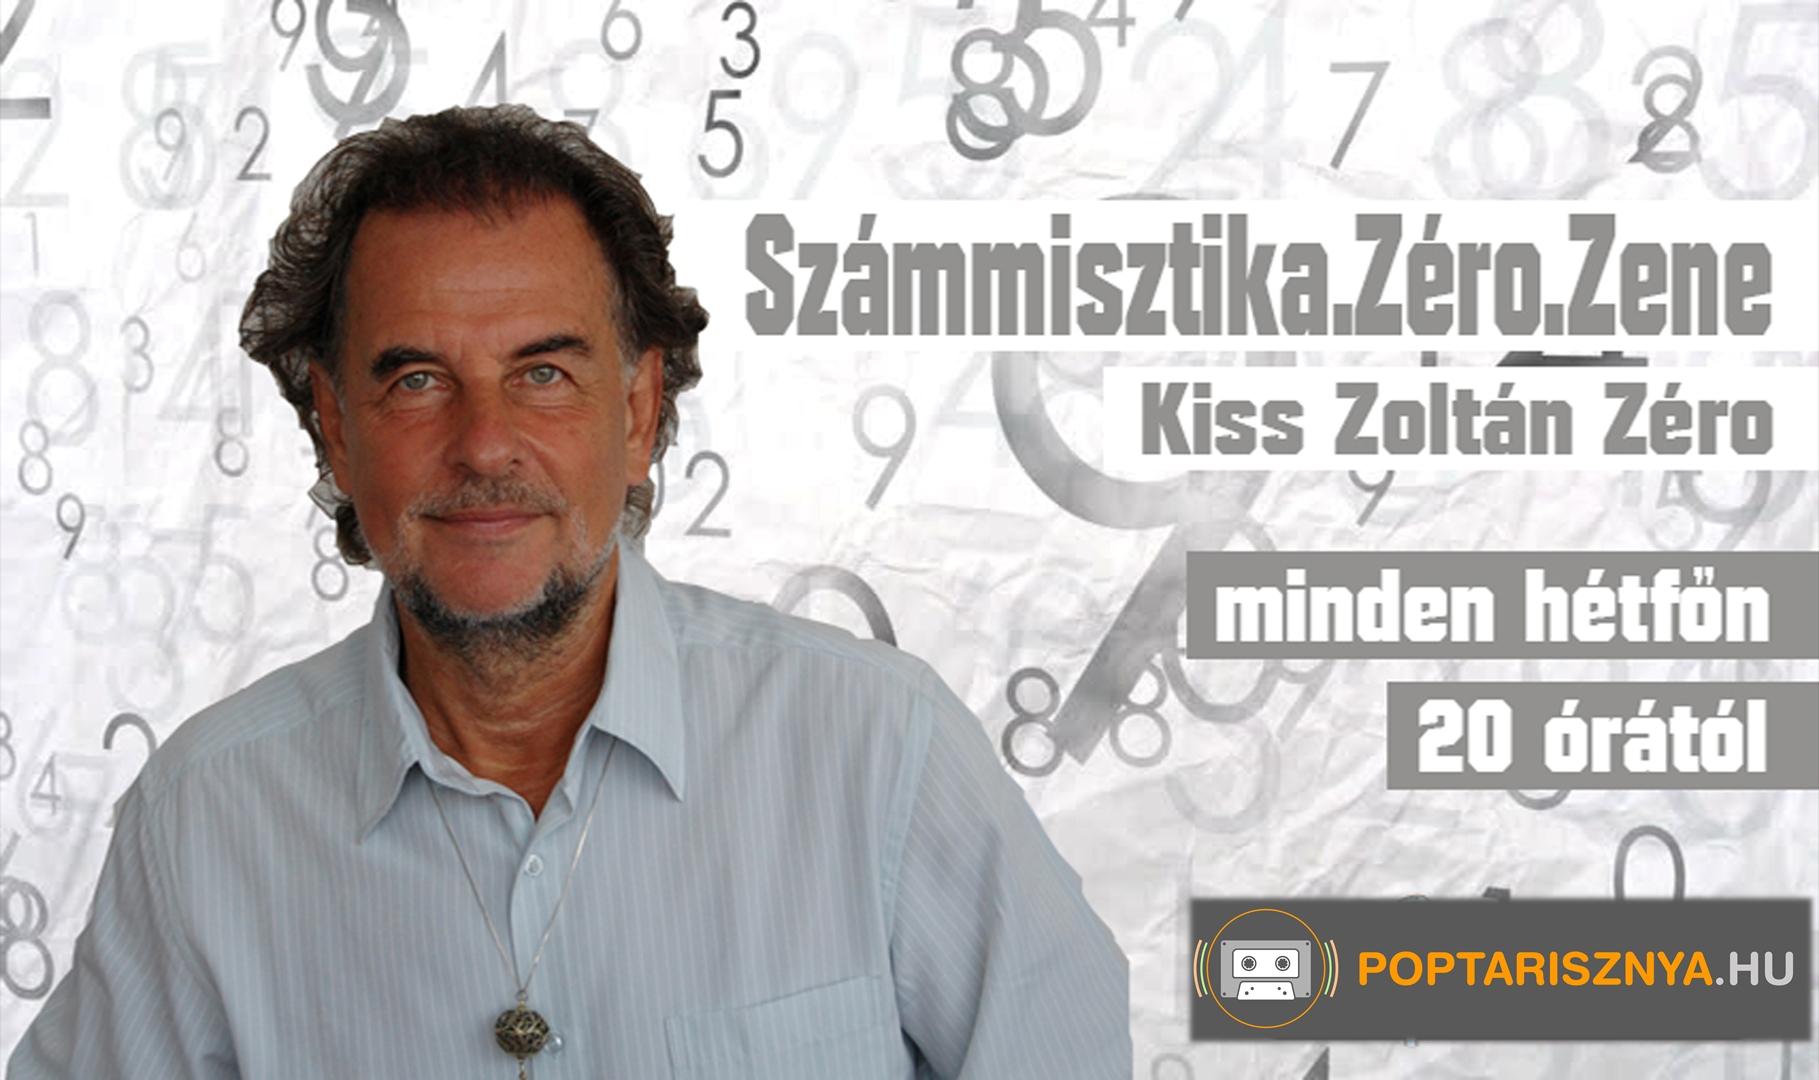 Számmisztikai műsor Kiss Zoltán Zéróval!